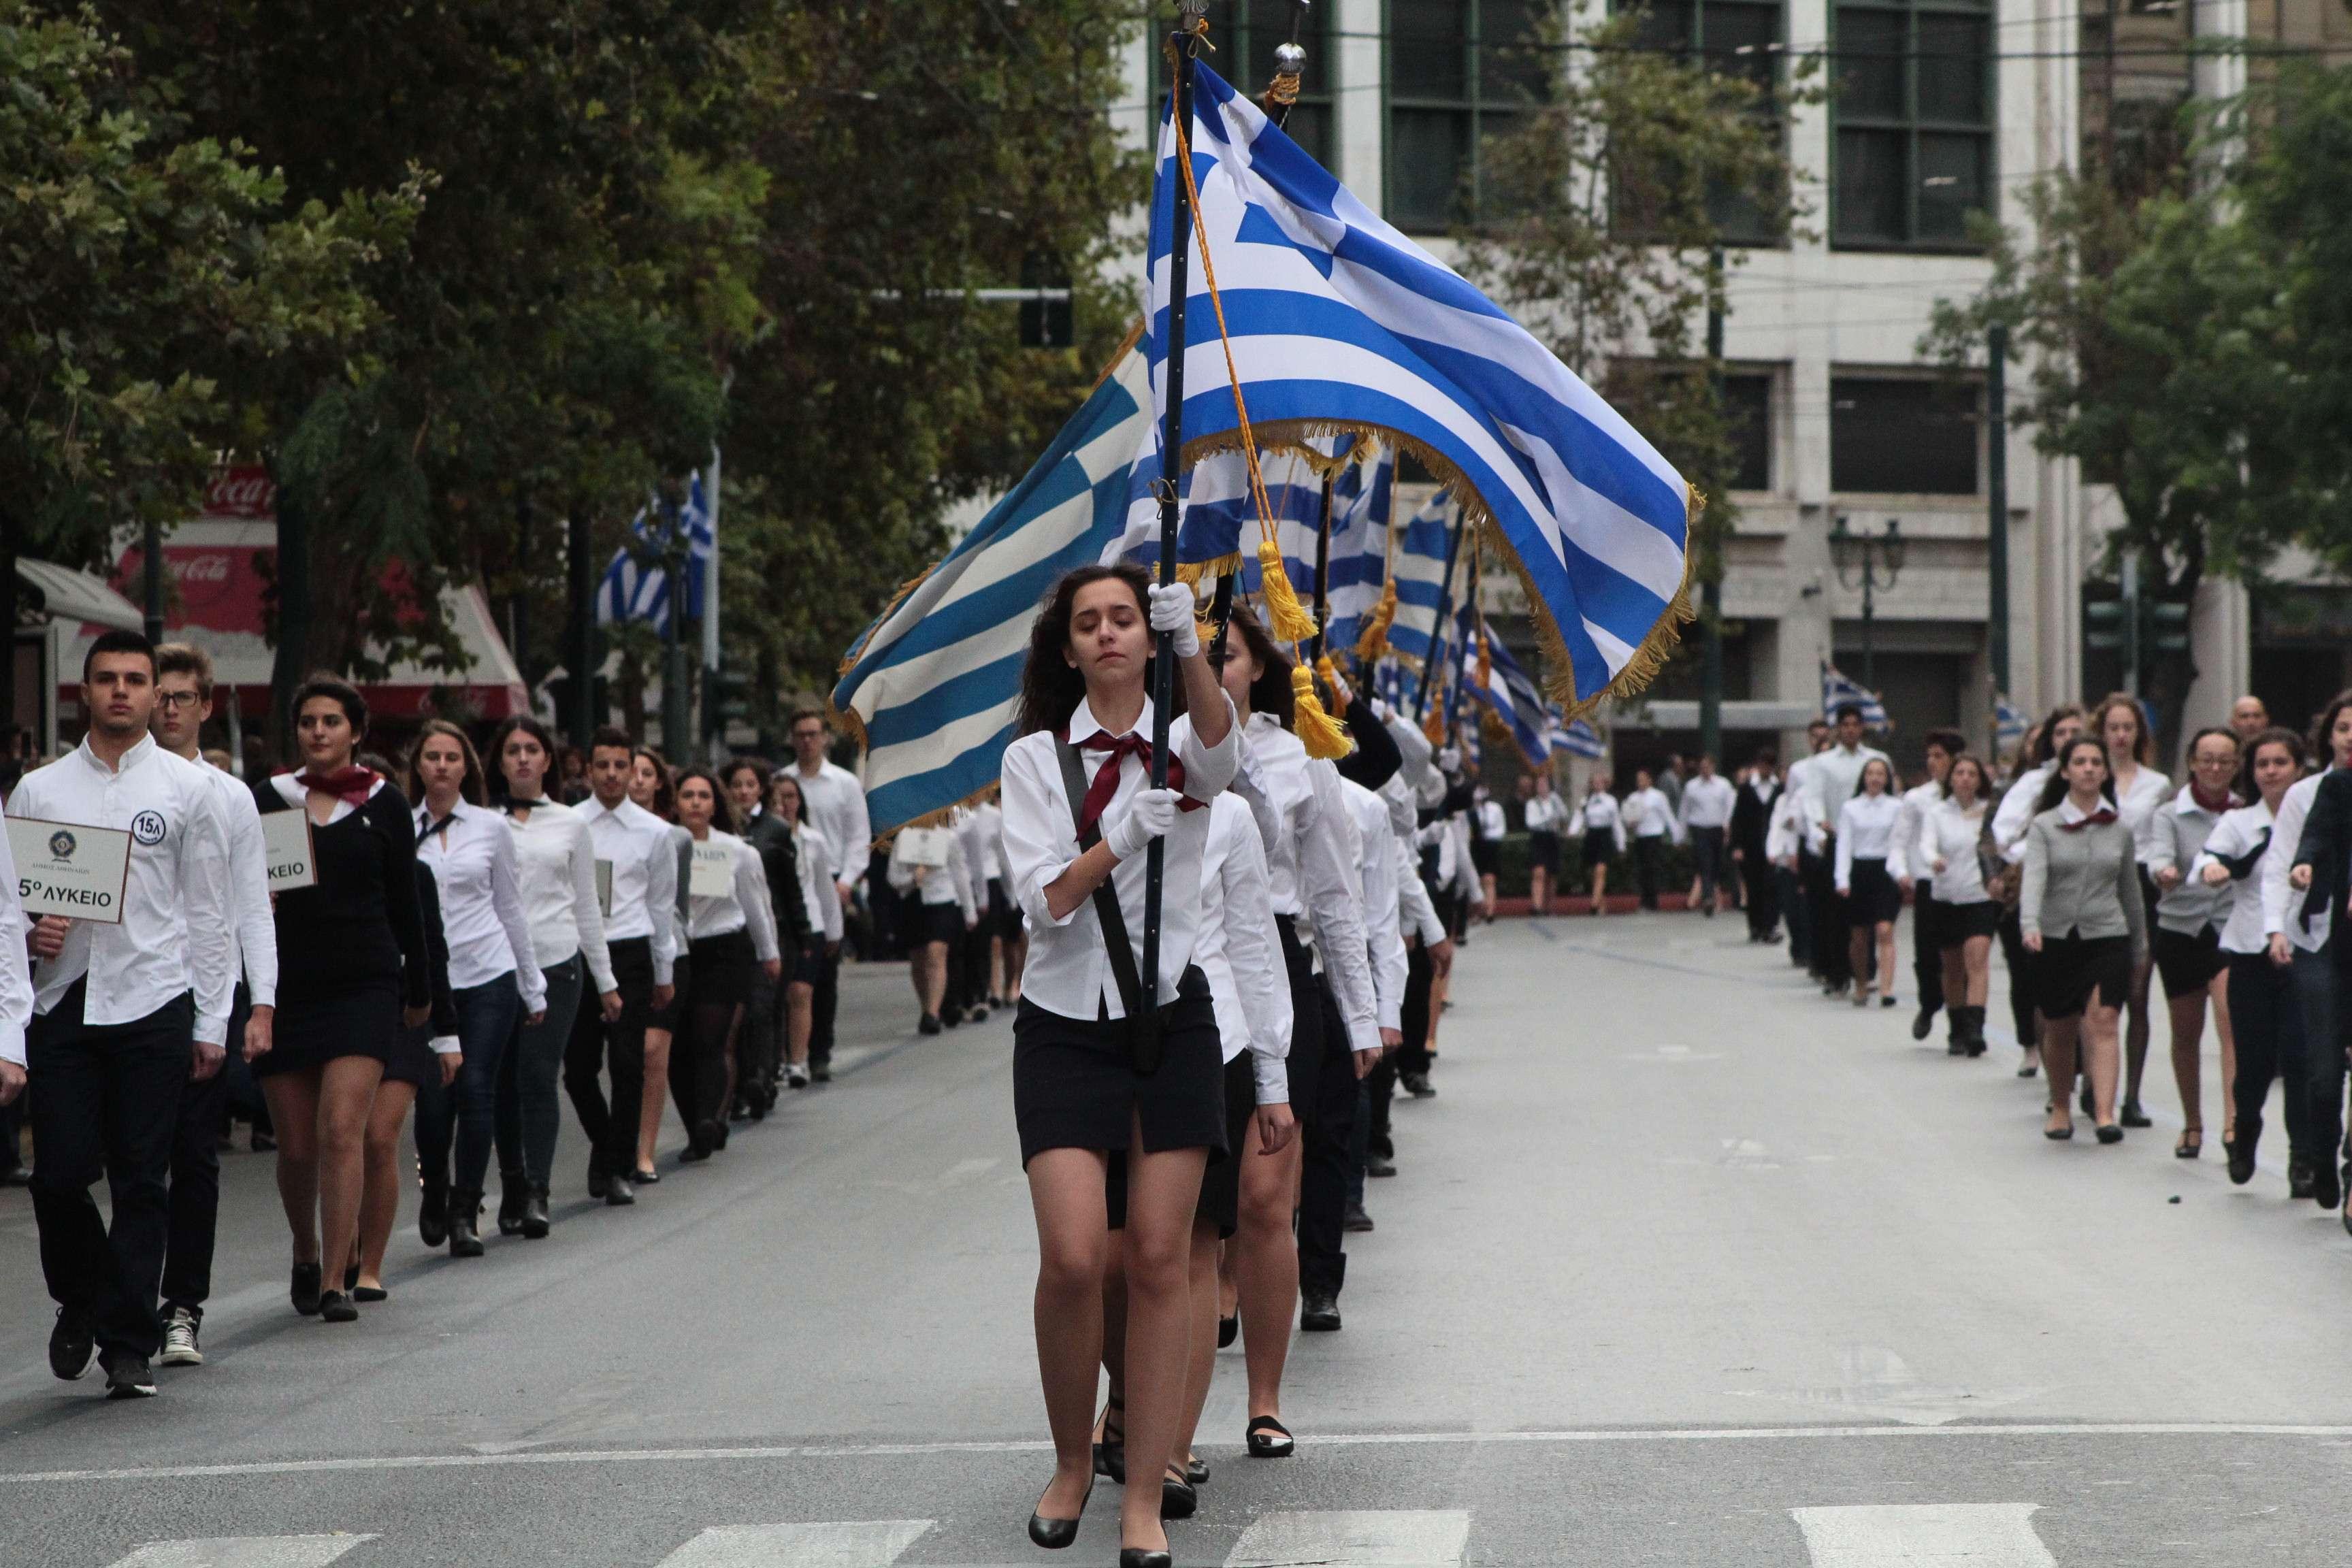 Η σχέση της νέας γενιάς με την Ιστορία στην Ελλάδα – και όχι μόνον εδώ – είναι προβληματική και υπάρχουν λόγοι γι αυτή την εξέλιξη. Ένας από τους πιο βασικούς είναι η κατάσταση που επικρατεί με τη διδασκαλία του μαθήματος της Ιστορίας στο Δημοτικό, το Γυμνάσιο και το Λύκειο.